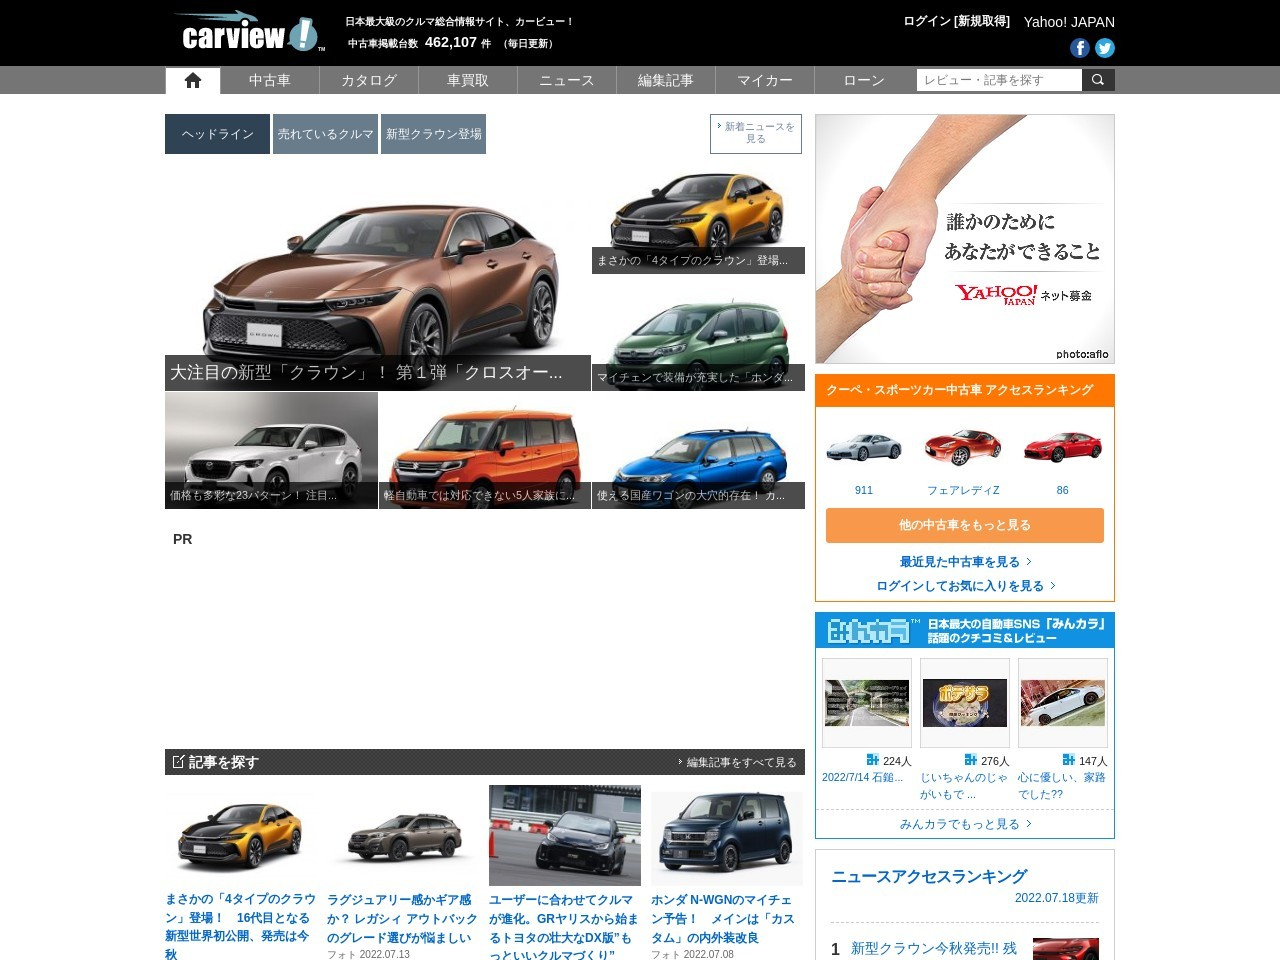 自動車公取協、中古二輪車の表示ルール変更 おとり広告防止へ一手